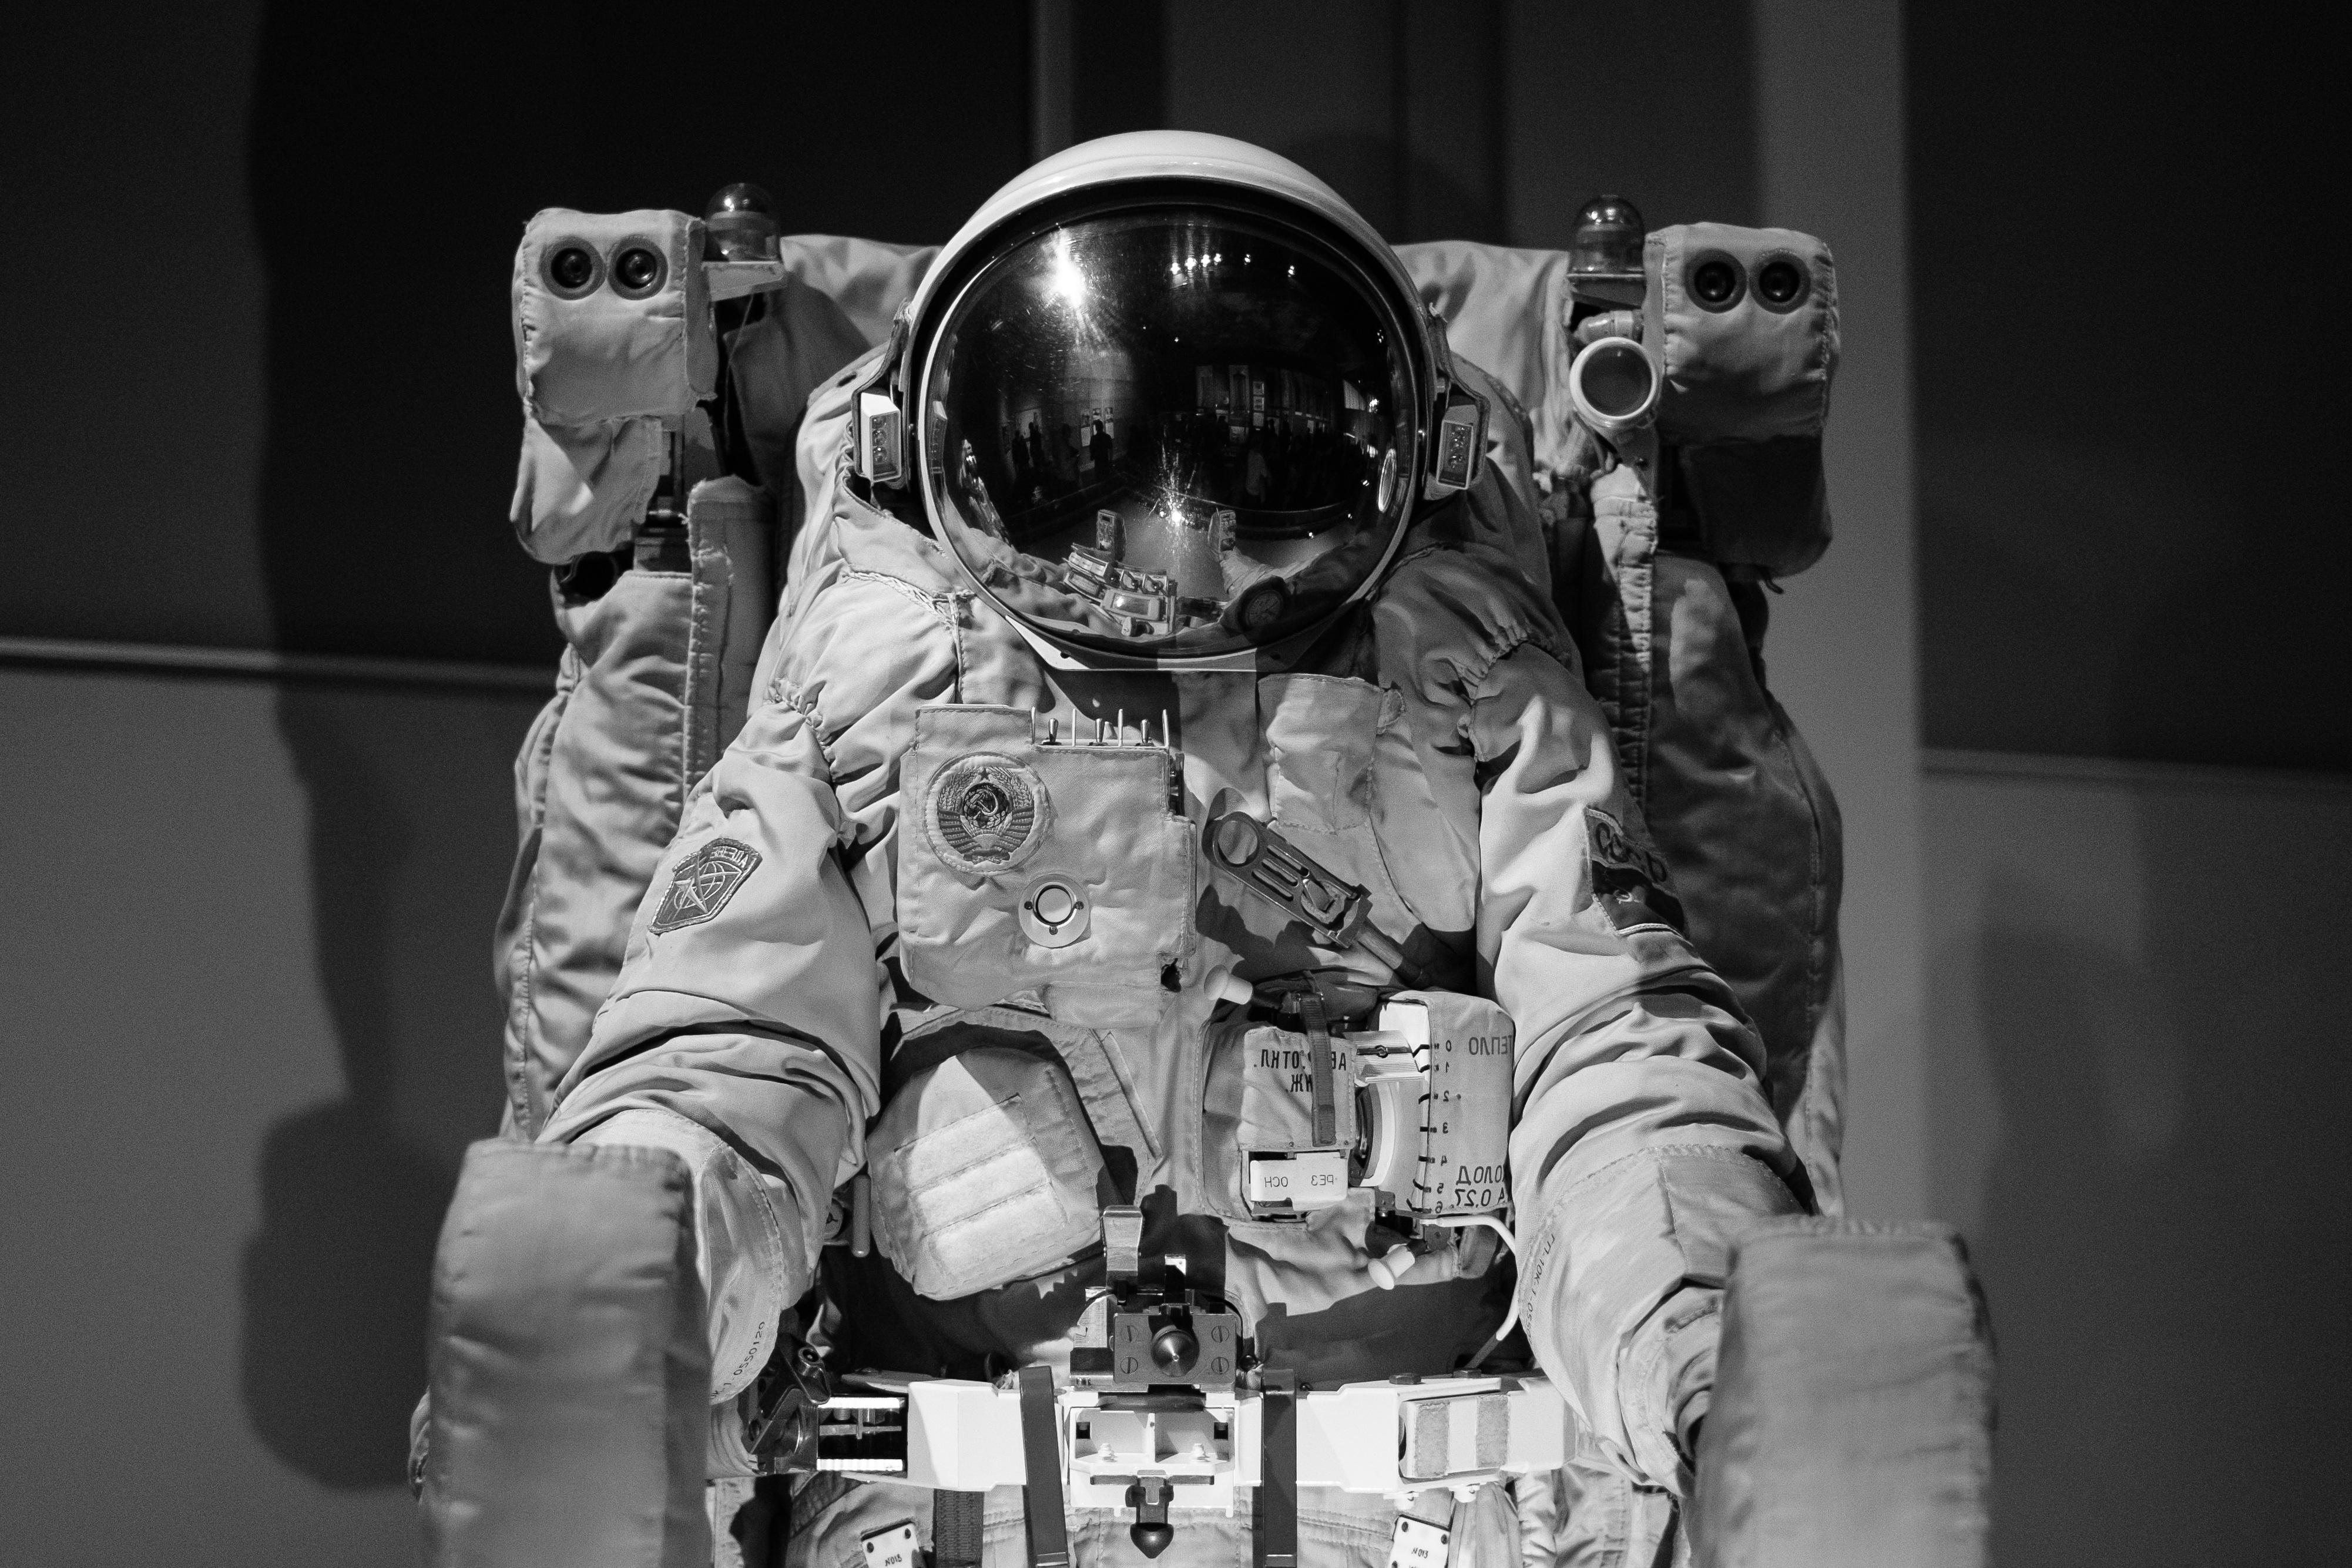 Astronaut, Nasa, Scientist, Space, Suit, HQ Photo